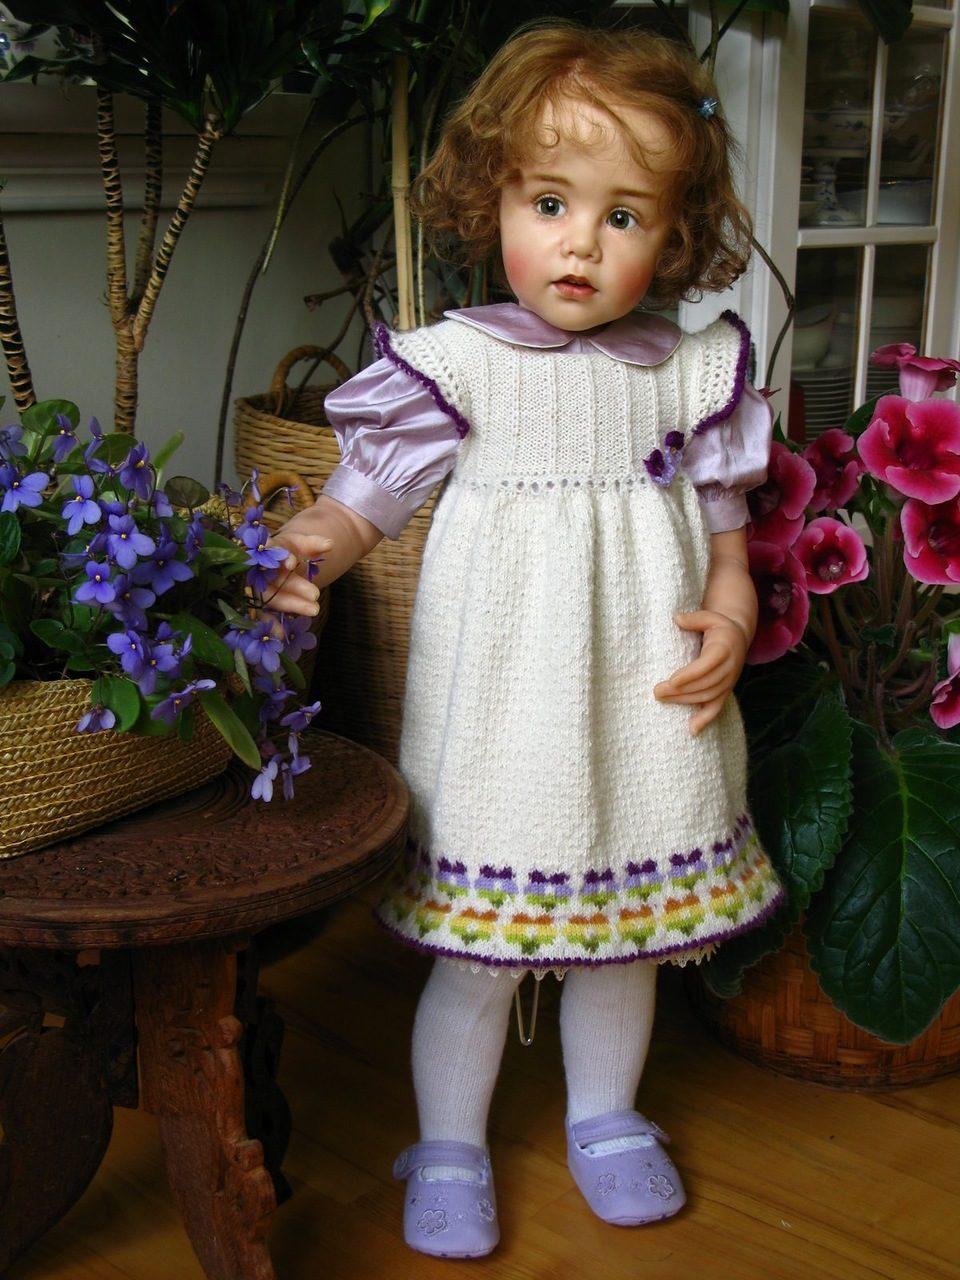 Куклы современных мастеров. Такие реалистичные и красивые!